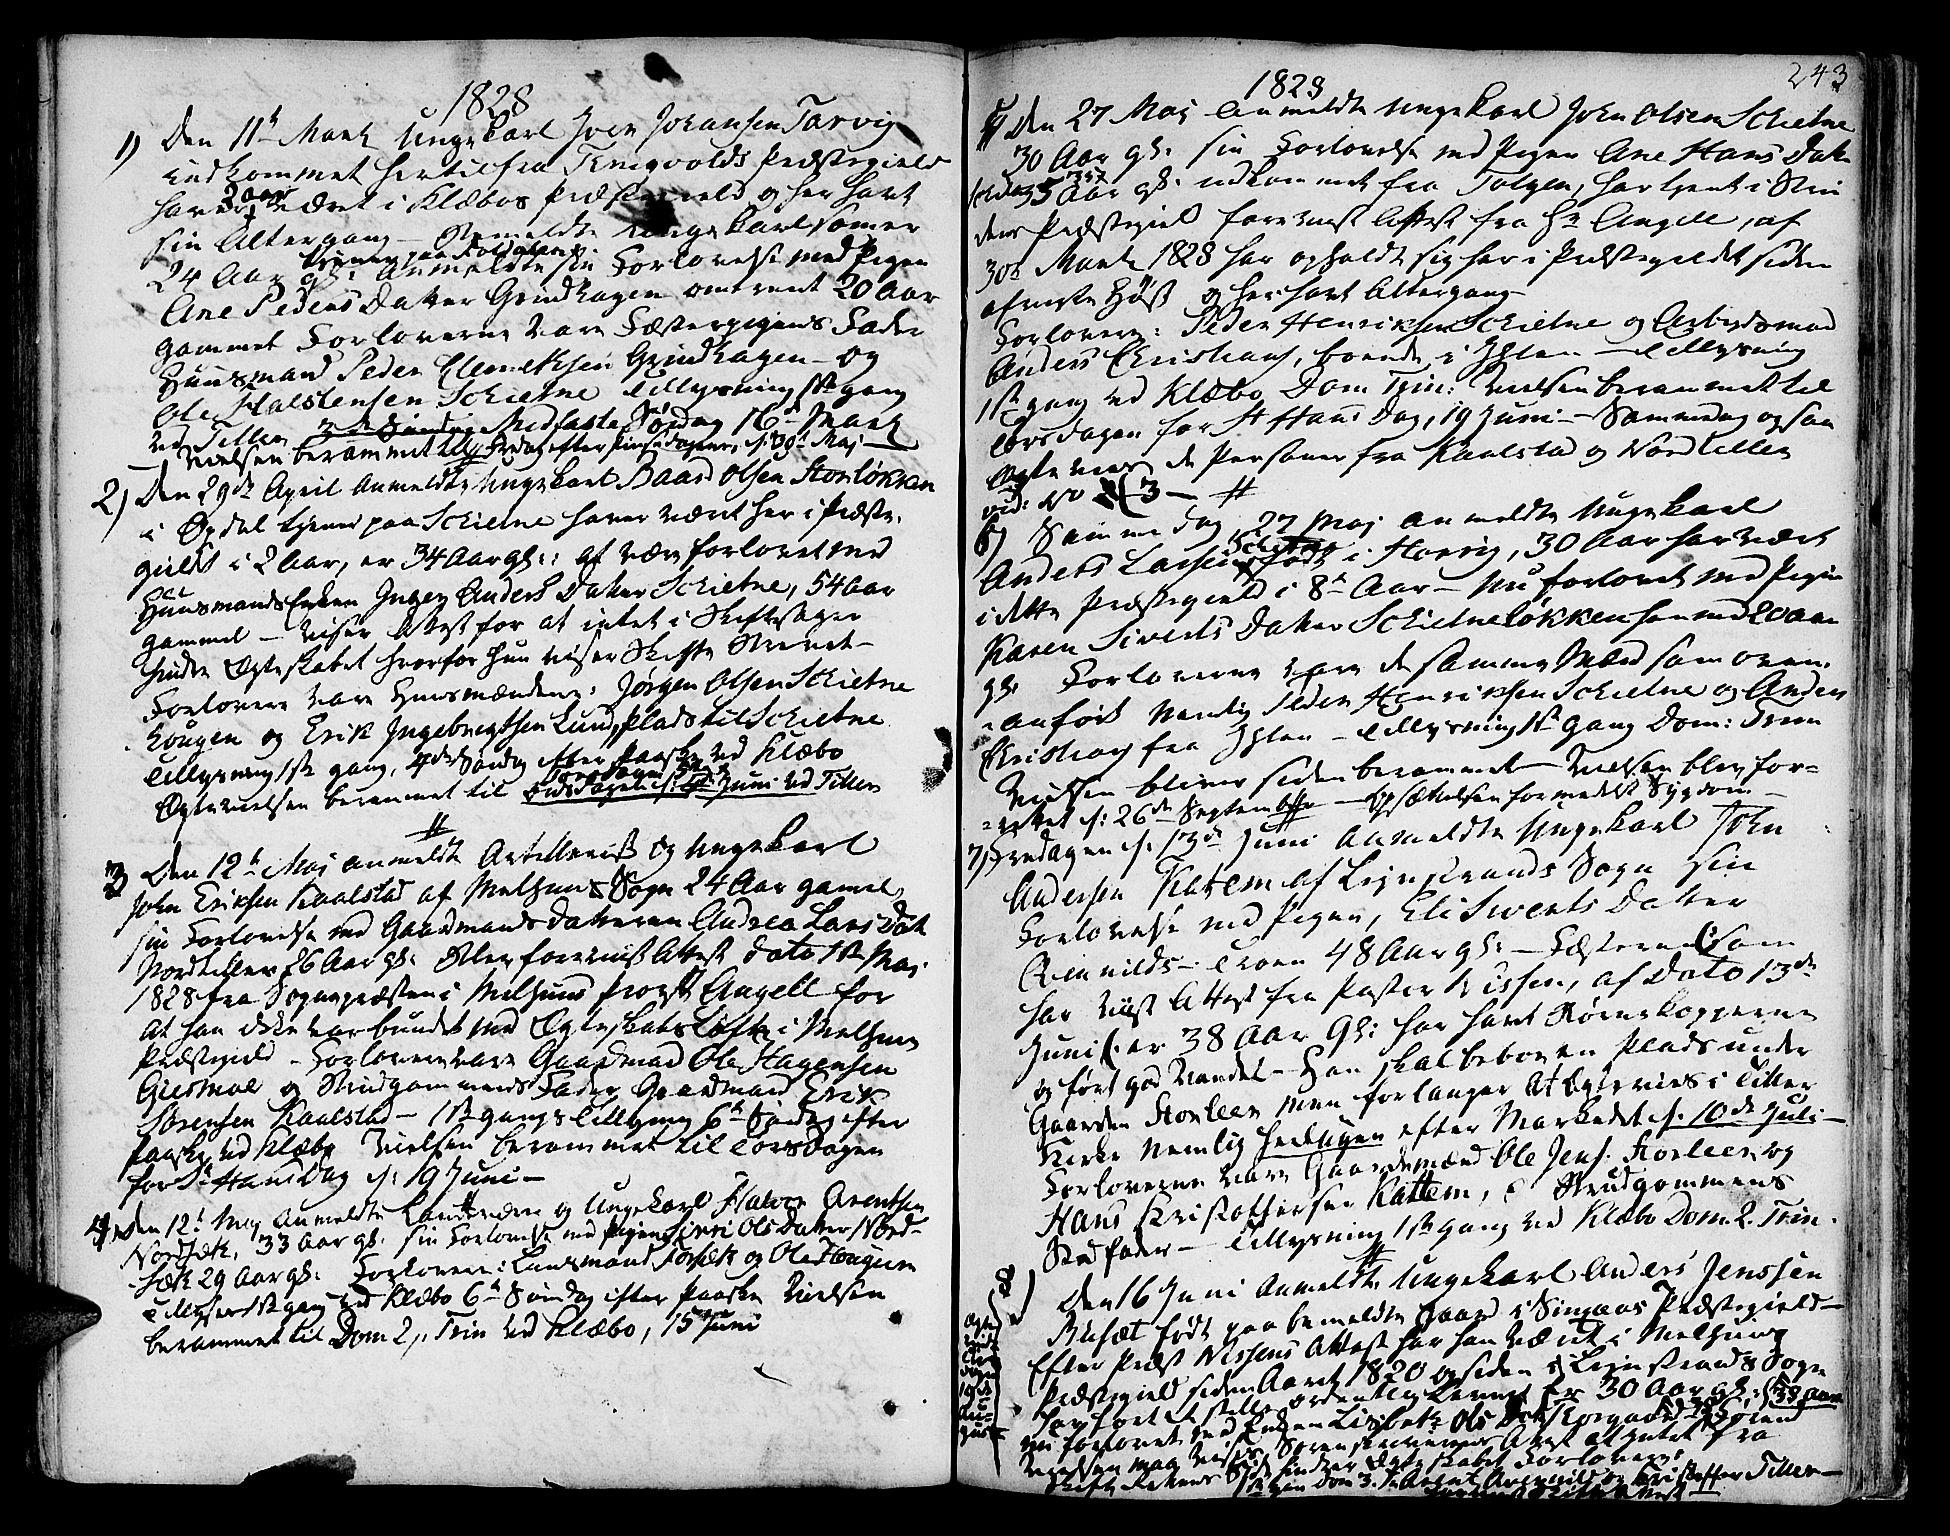 SAT, Ministerialprotokoller, klokkerbøker og fødselsregistre - Sør-Trøndelag, 618/L0438: Ministerialbok nr. 618A03, 1783-1815, s. 243